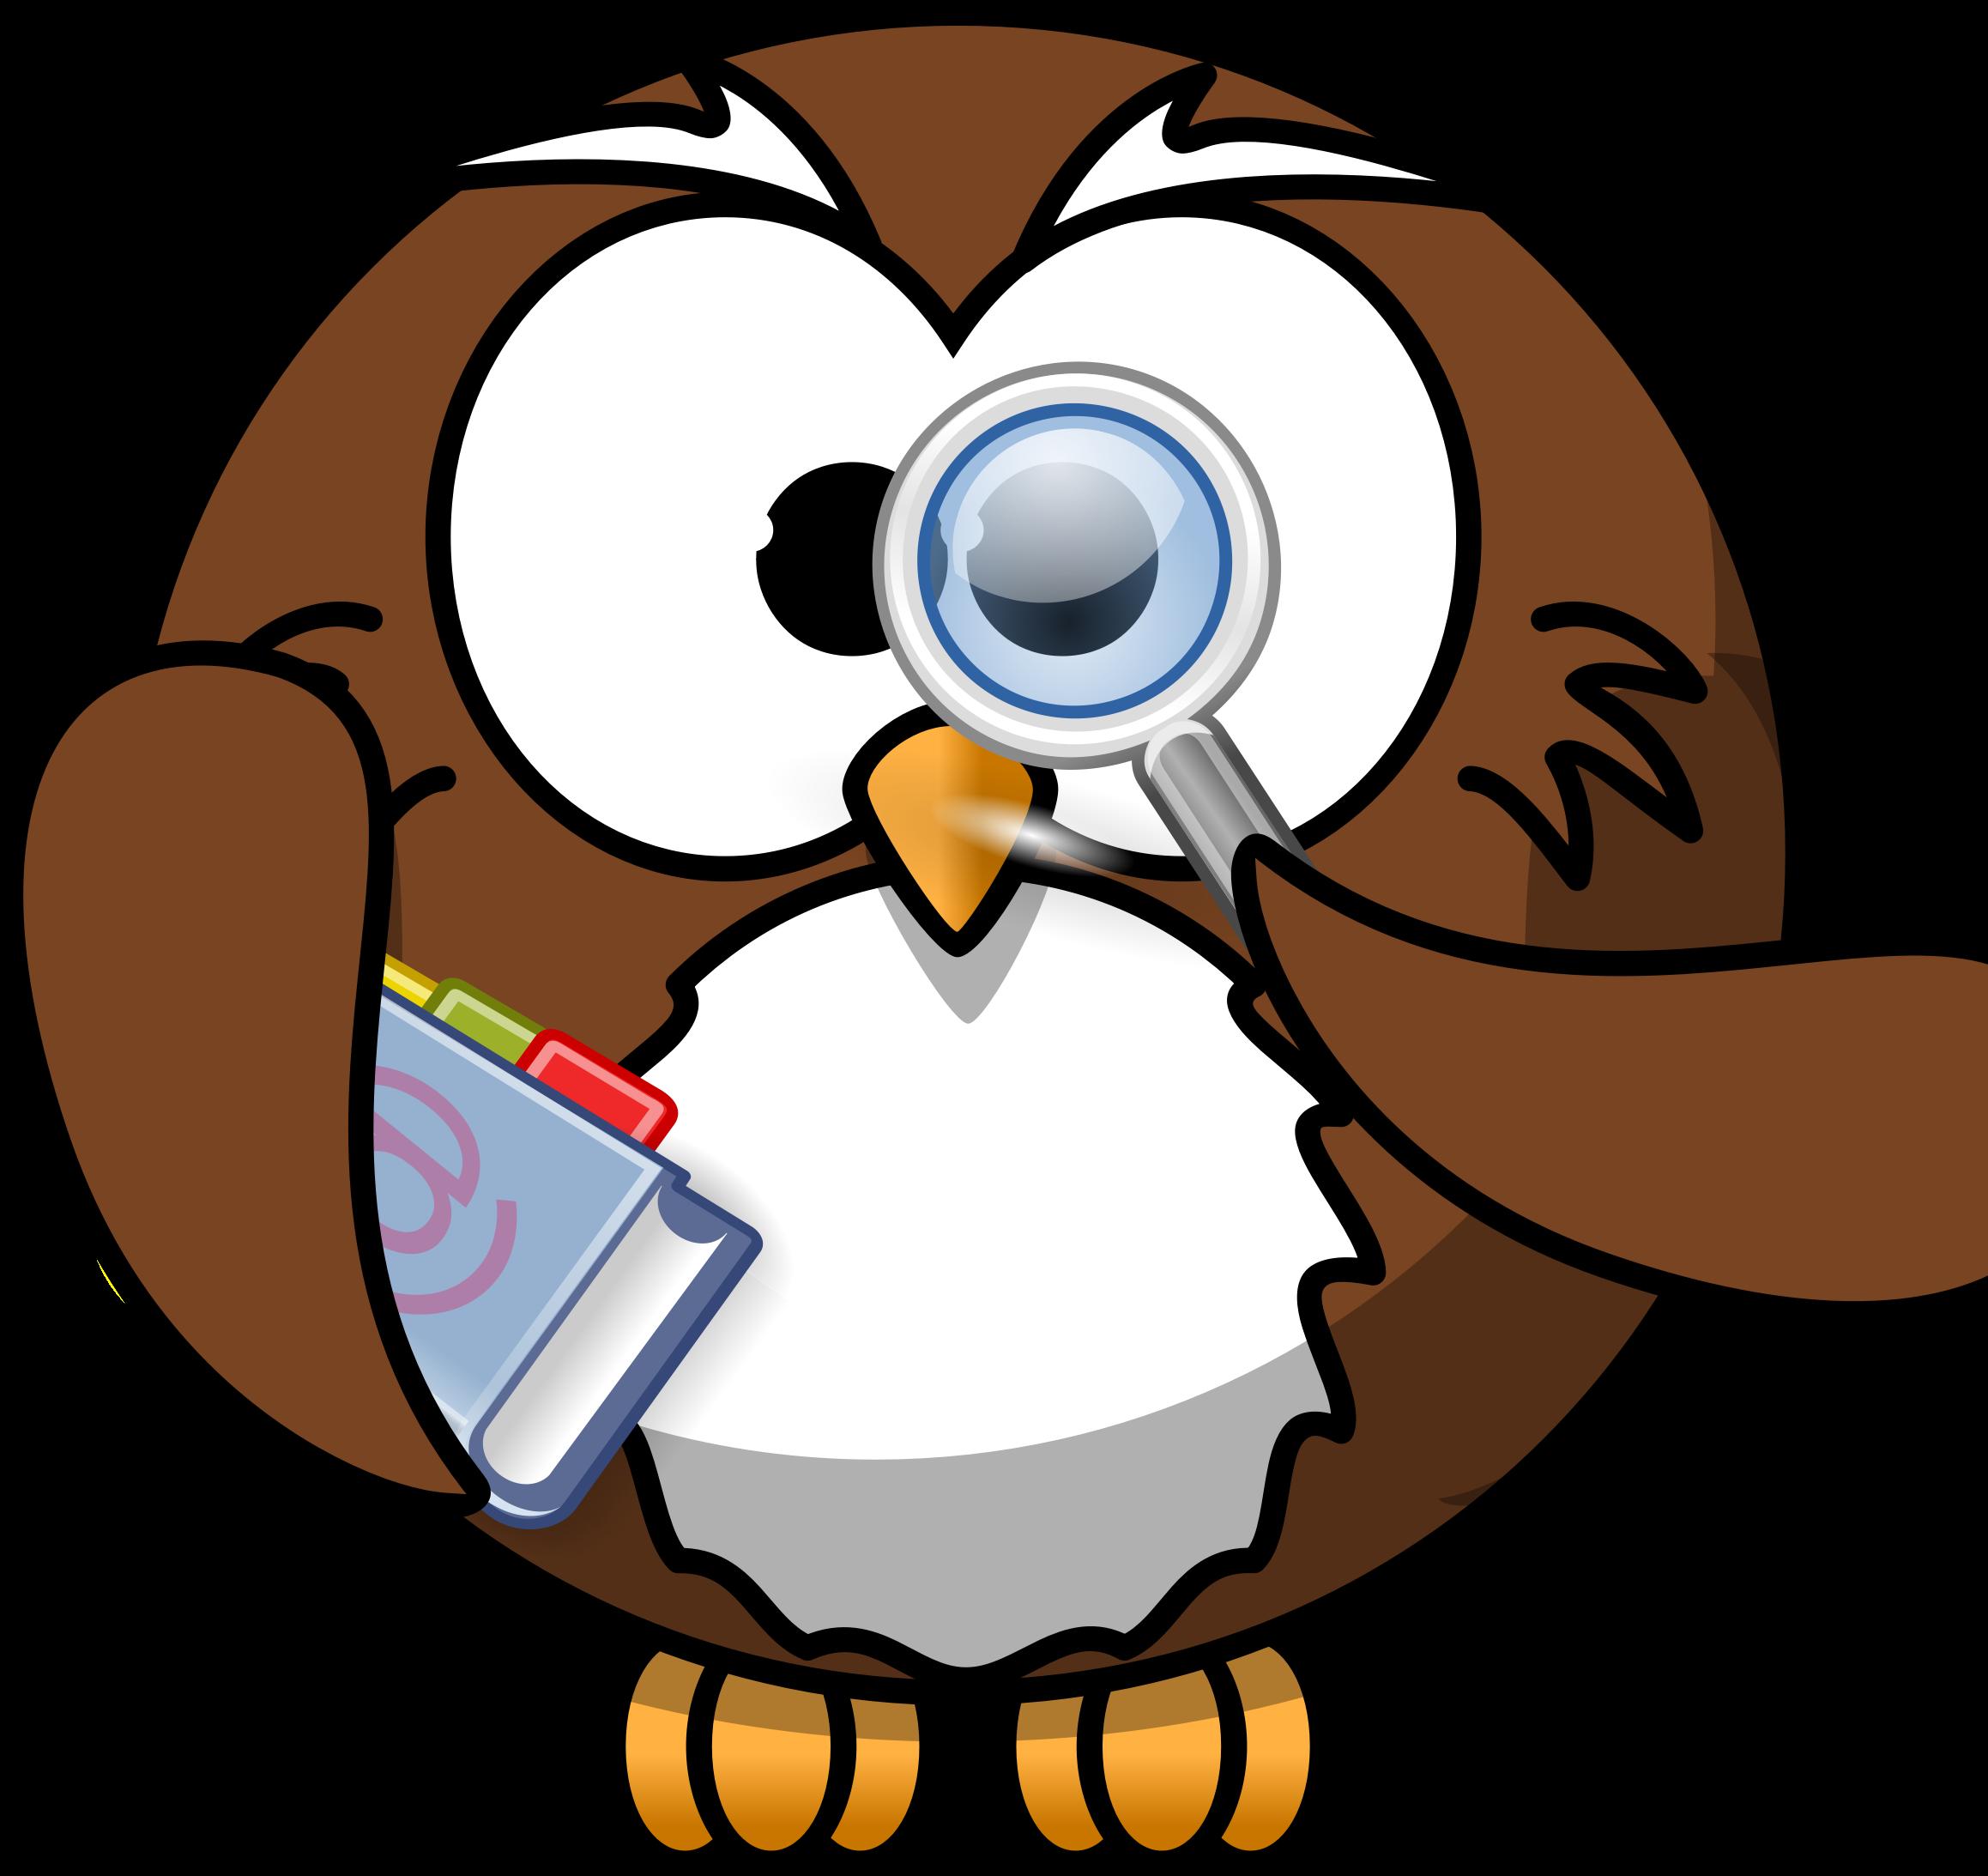 Smart Owl Clip Art - ClipArt Best